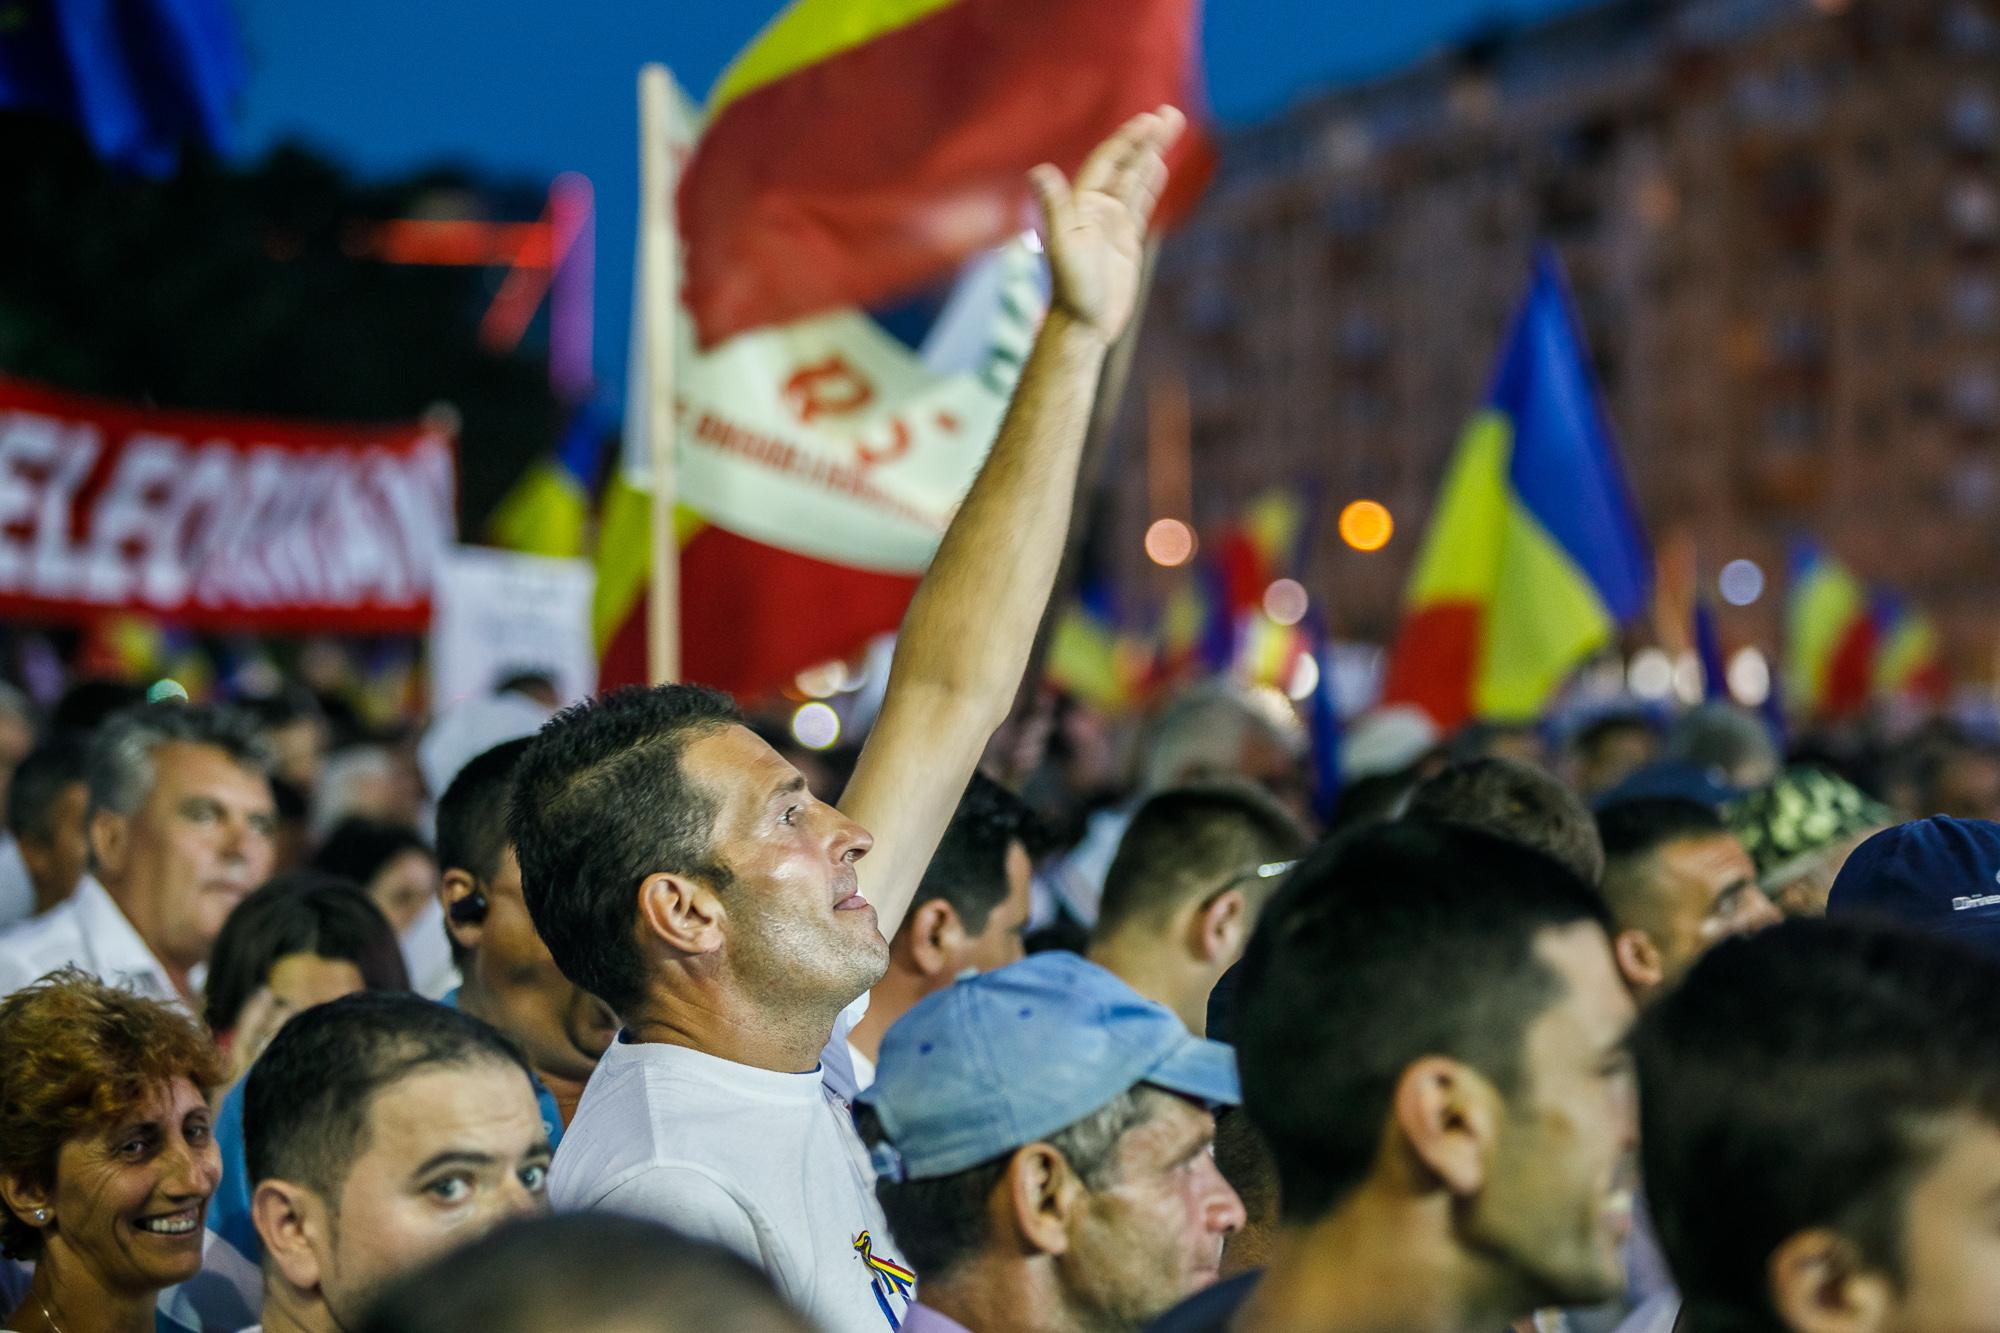 Dragnea - Cine va pierde de pe urma mitingului PSD-ALDE - Pagina 2 1528636121198-miting-psd-9-iunie-166